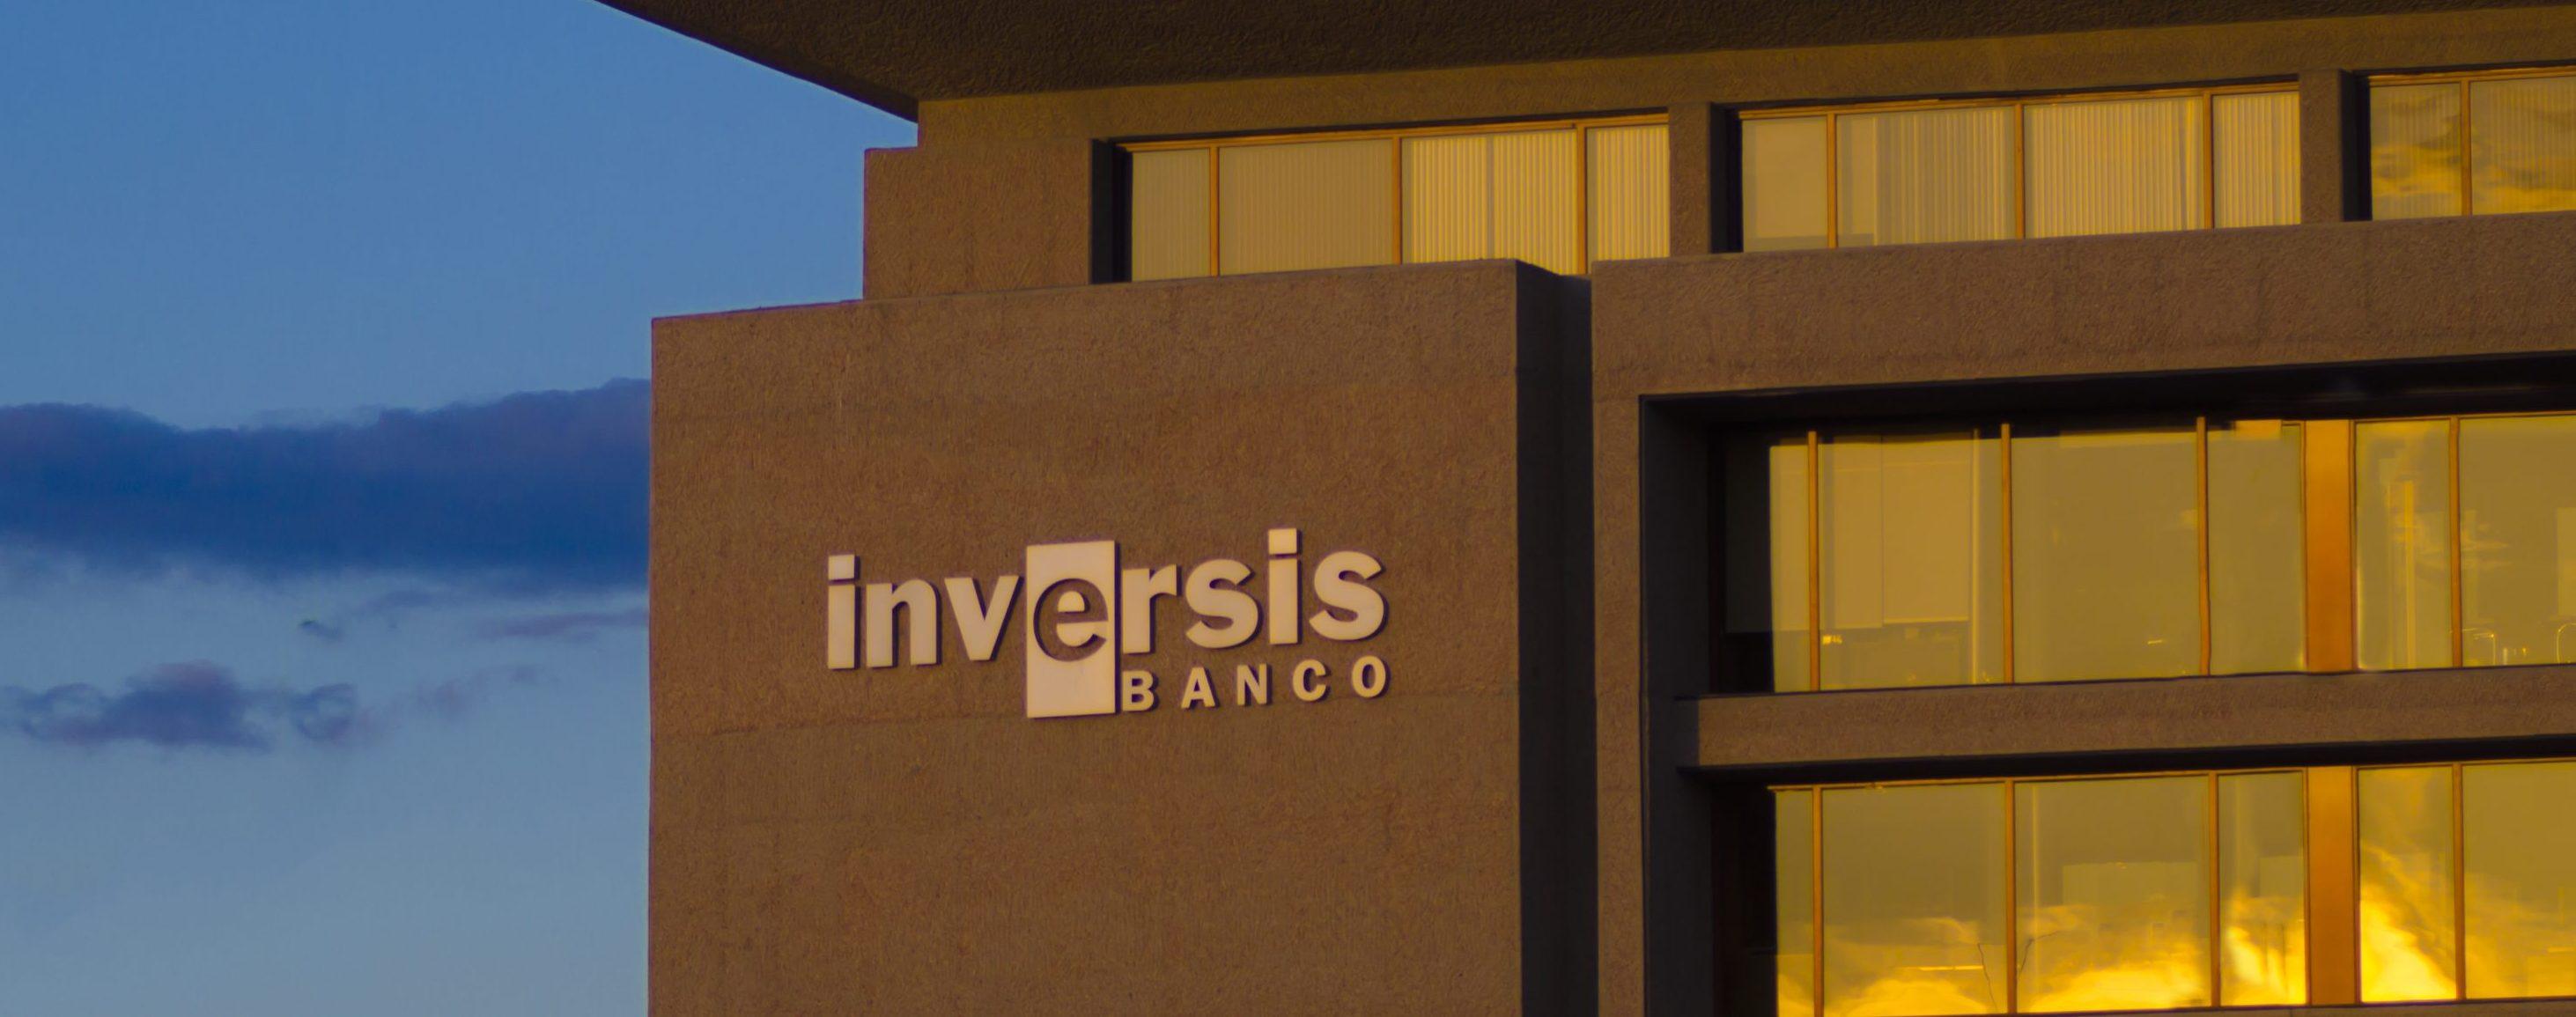 Inversis desarrolla su innovador concepto de hiperconvergencia de servicios financieros